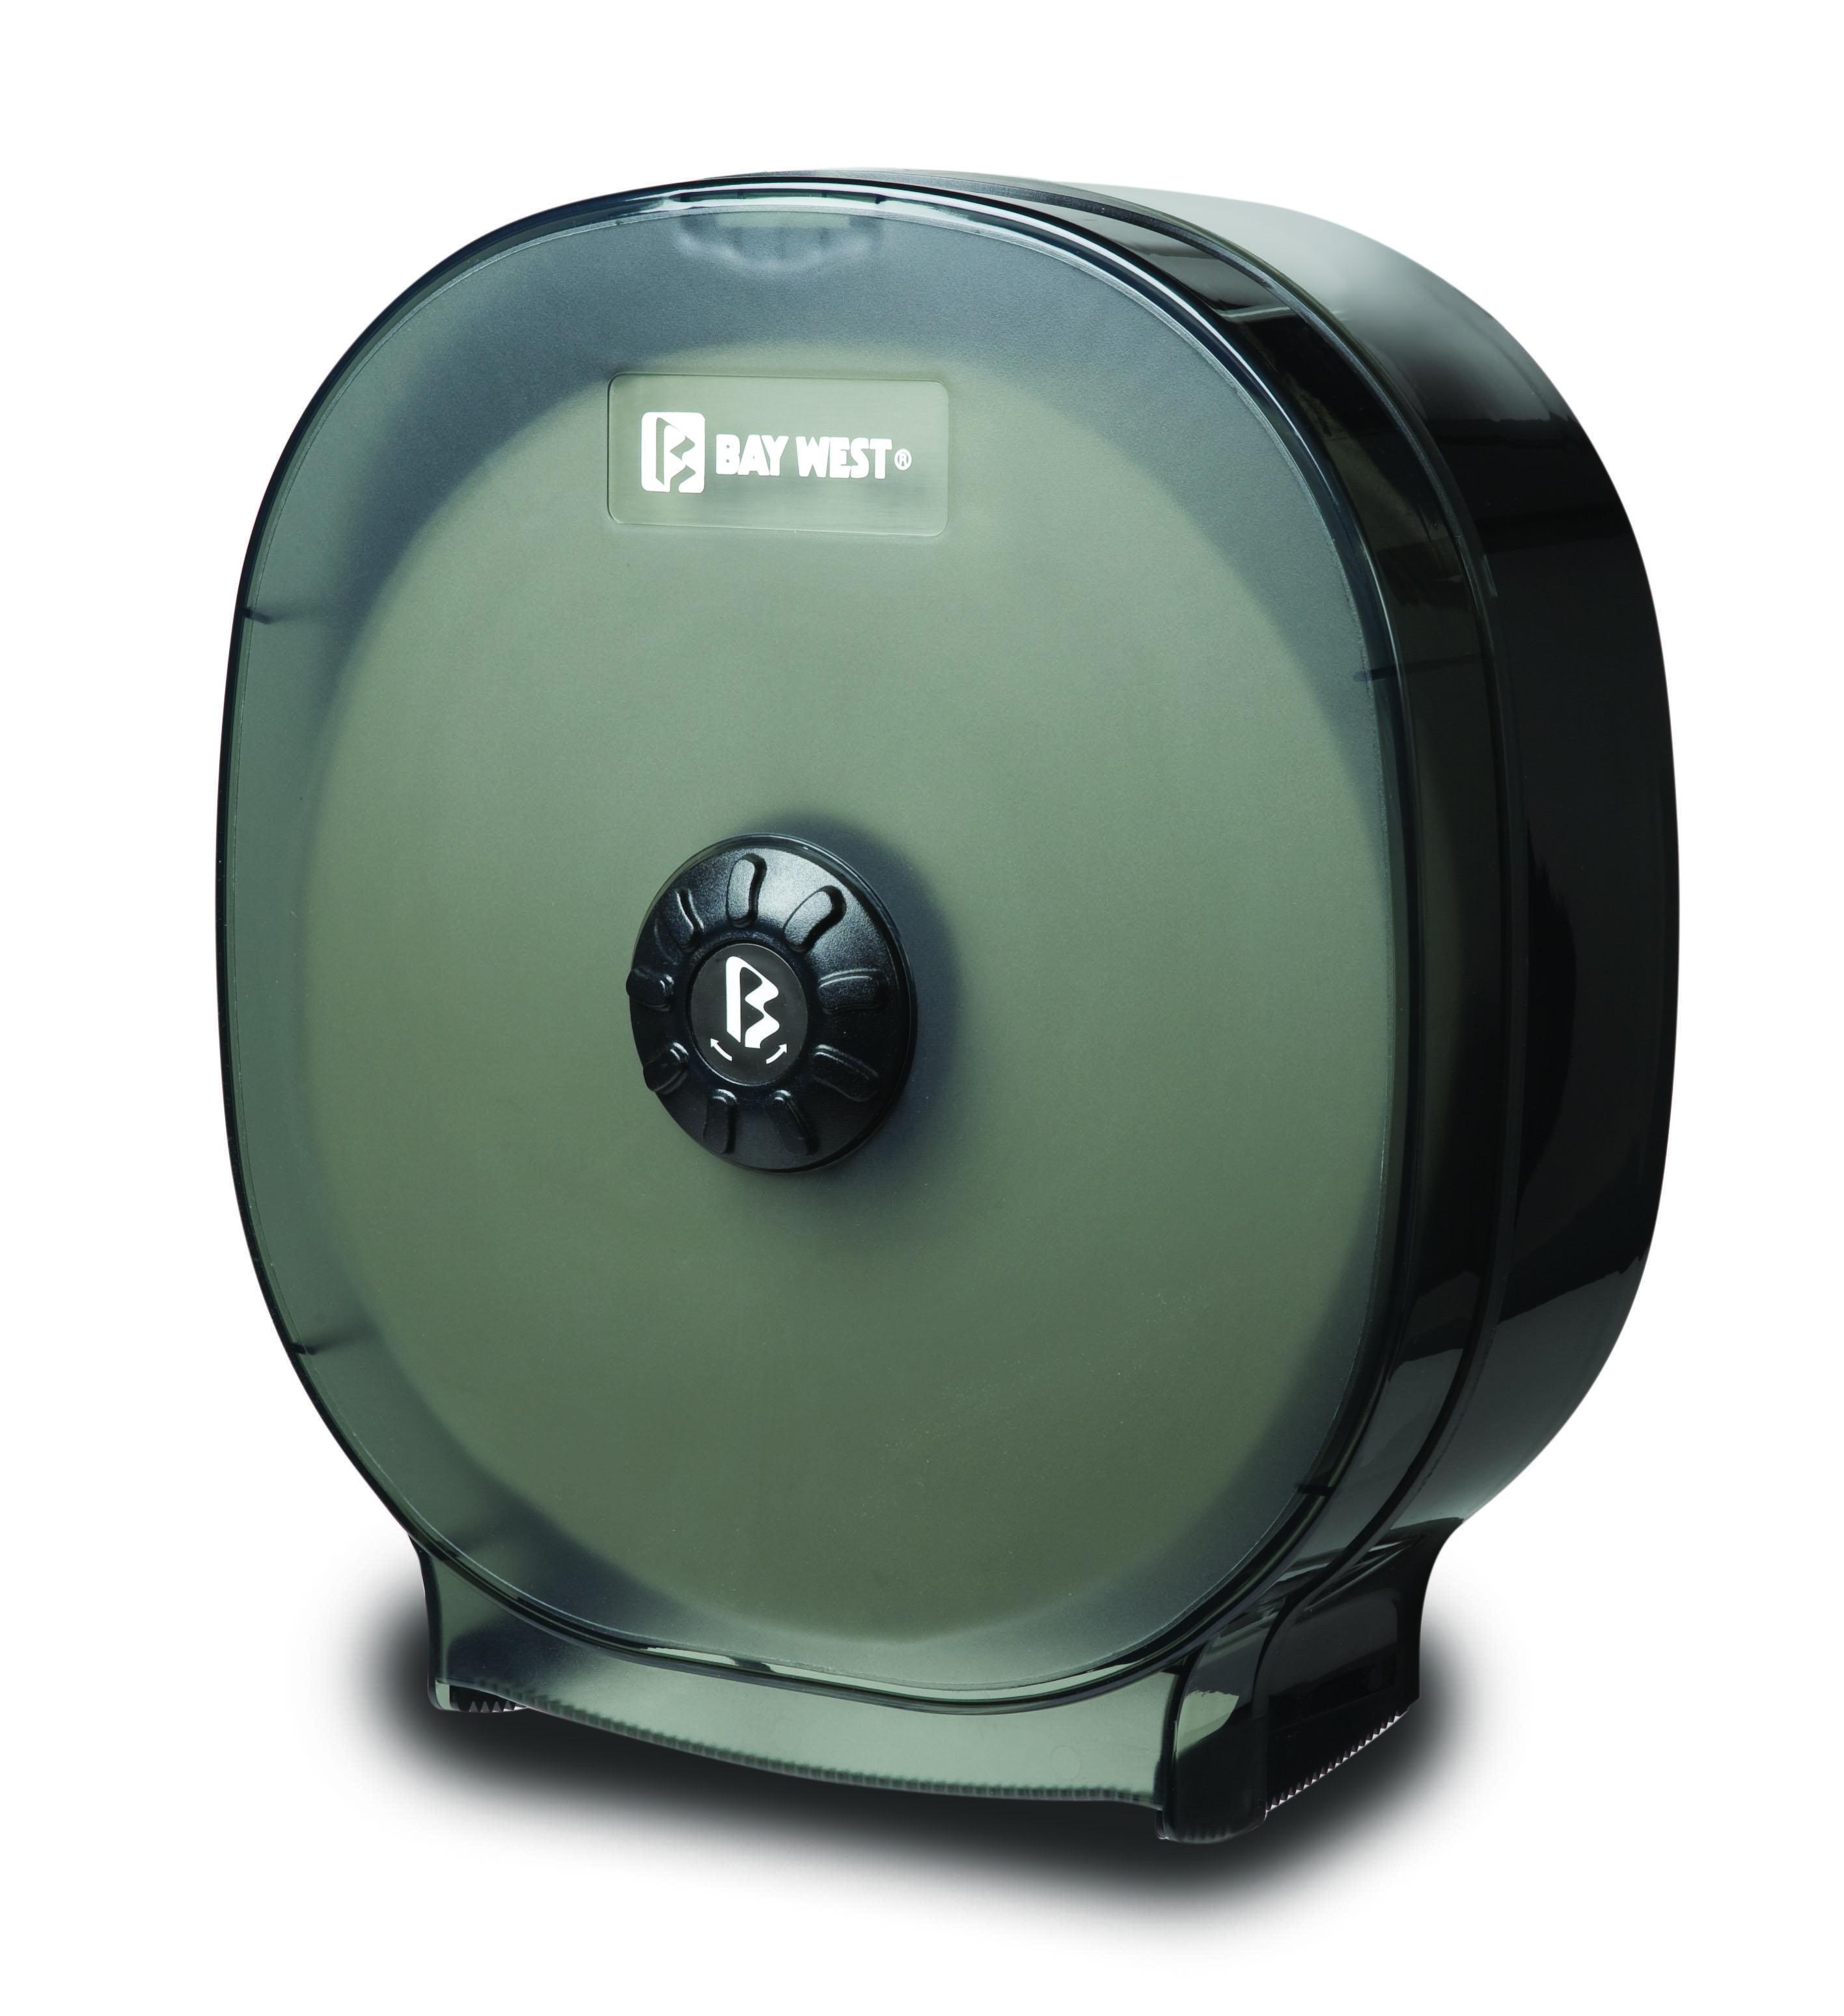 Baywest Jumbo Toilet Roll Dispenser